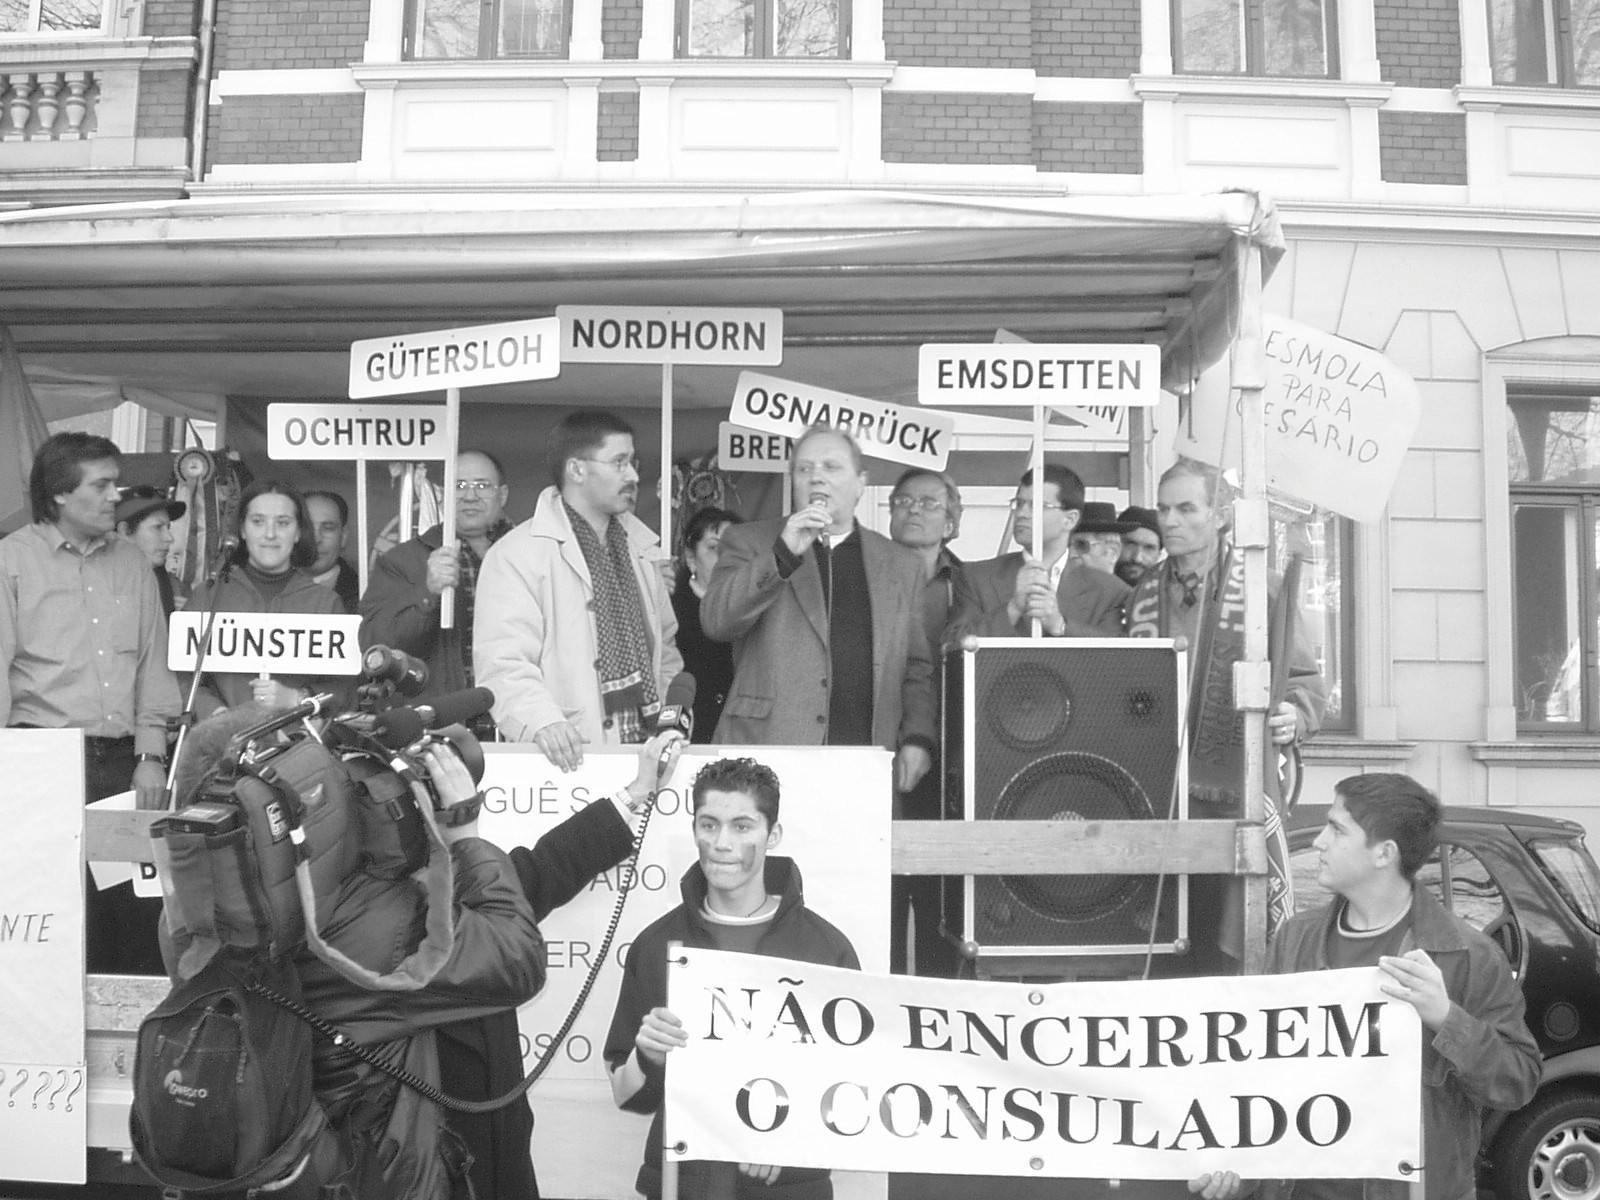 Manifestação em Osnabrueck contra o encerramento dos consulados, 2003